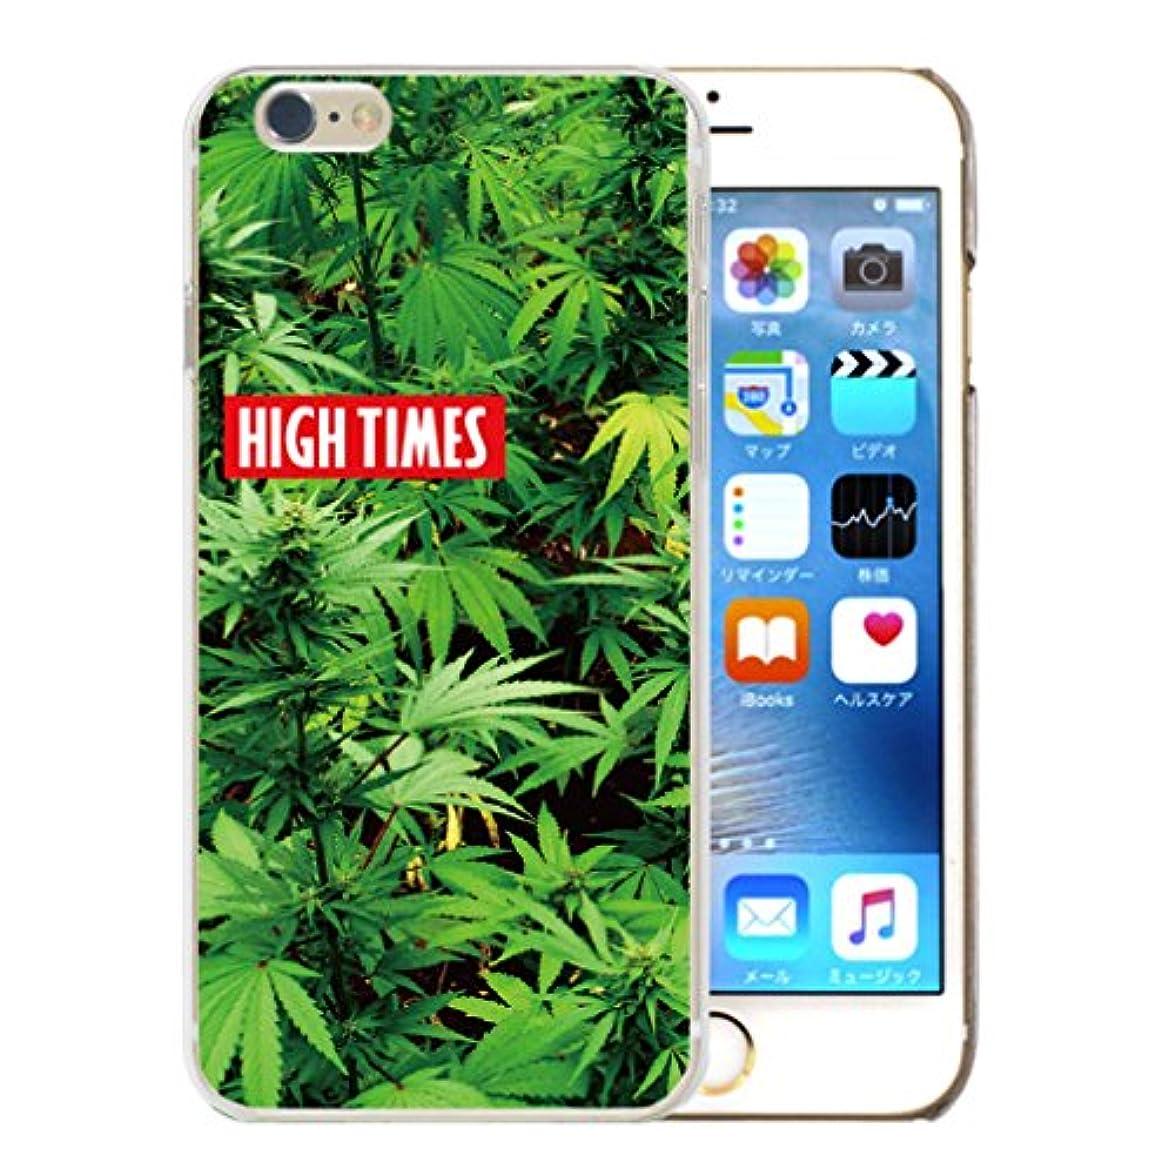 アナロジー山岳ラケット301-sanmaruichi- iPhone11Pro カバー iphone 11 pro 携帯ケース ハードケース おしゃれ HIGH TIMES KUSH Ganja マリファナ ガンジャ カンナビス THC A